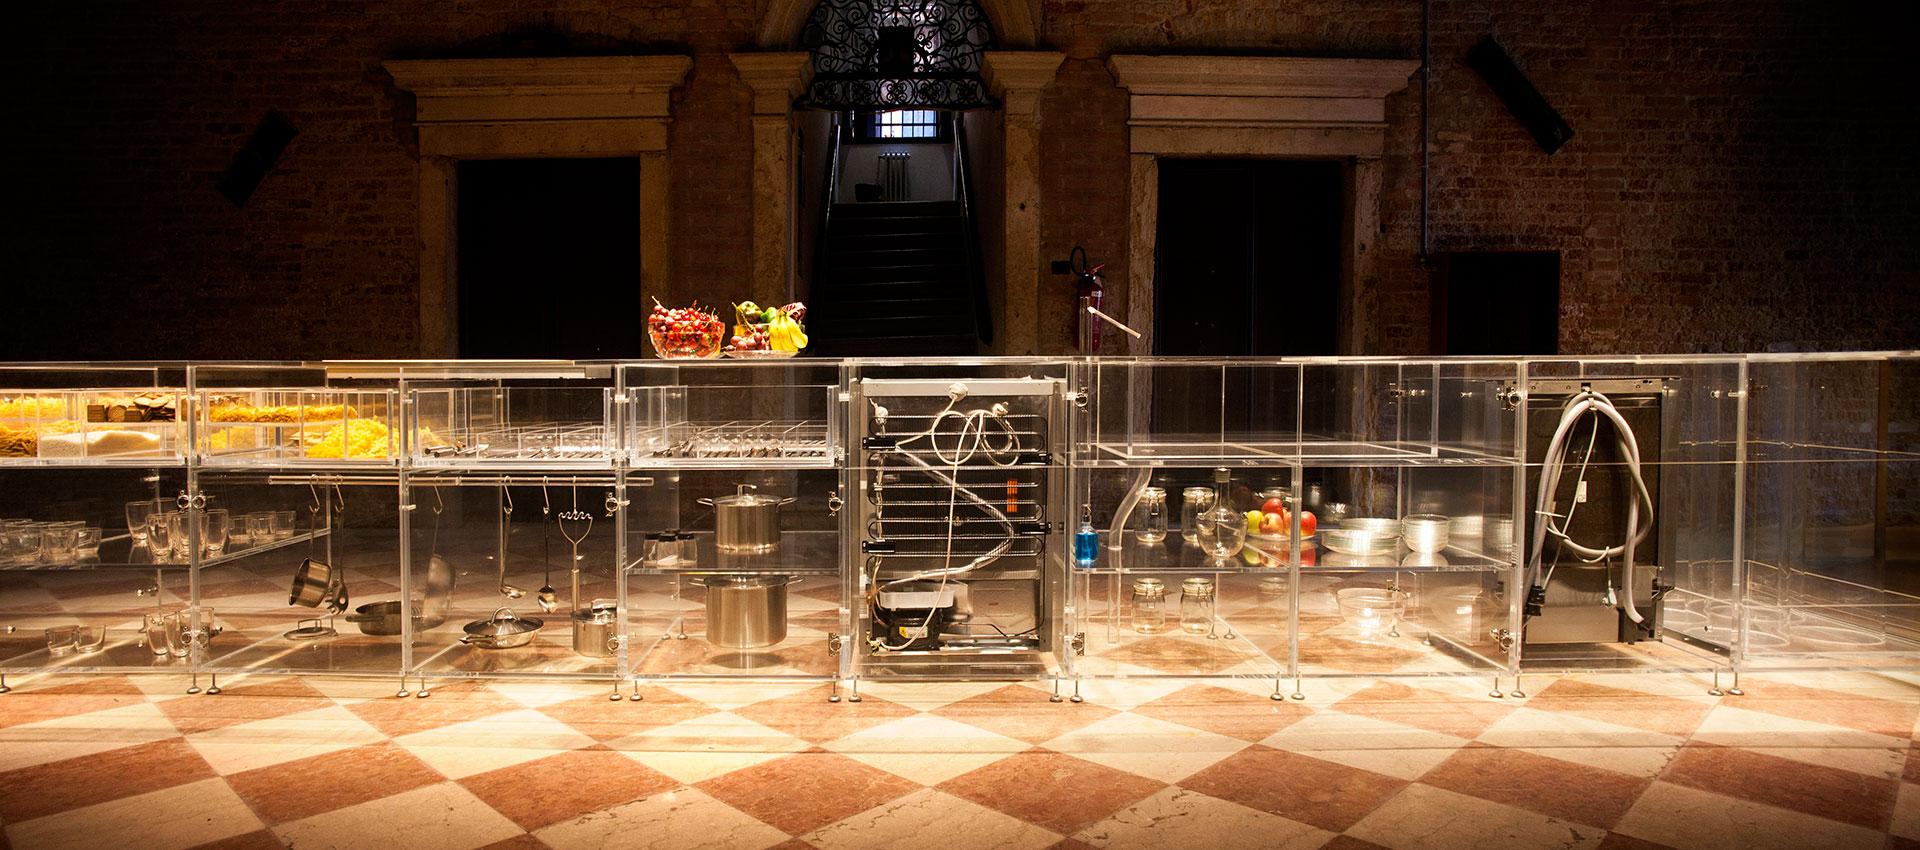 Infinity Kitchen por MVRDV. Imagen cortesía de MVRDV